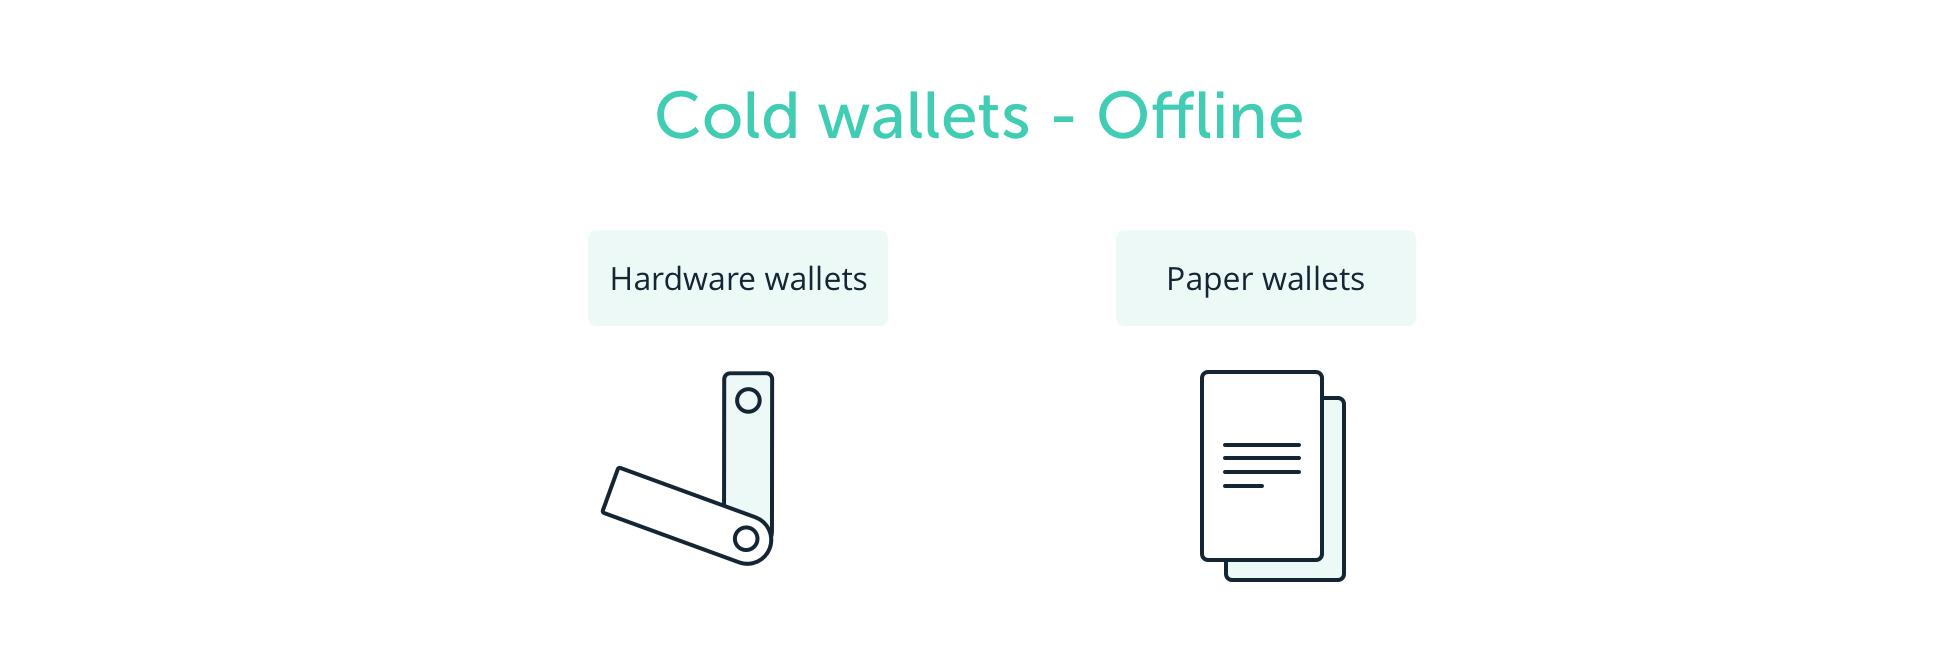 Cold wallets - offline